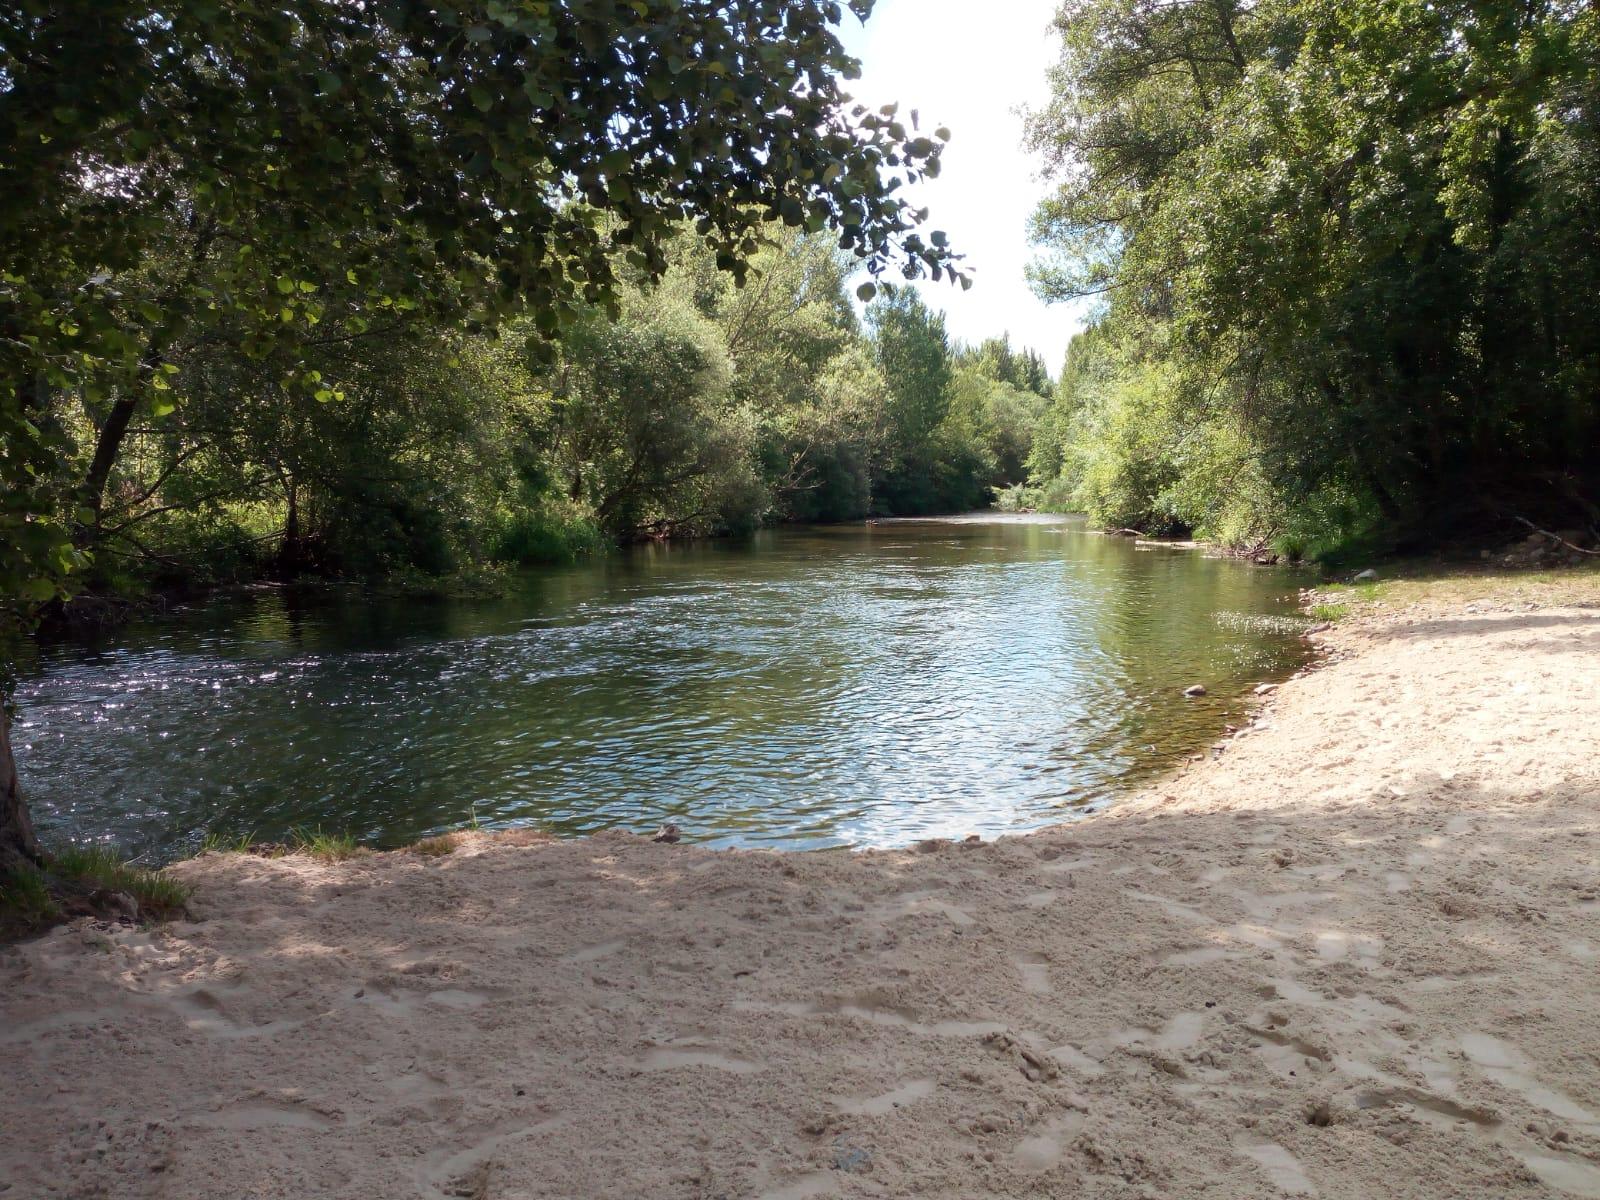 Playas fluviales en el Bierzo para disfrutar del baño este verano 4